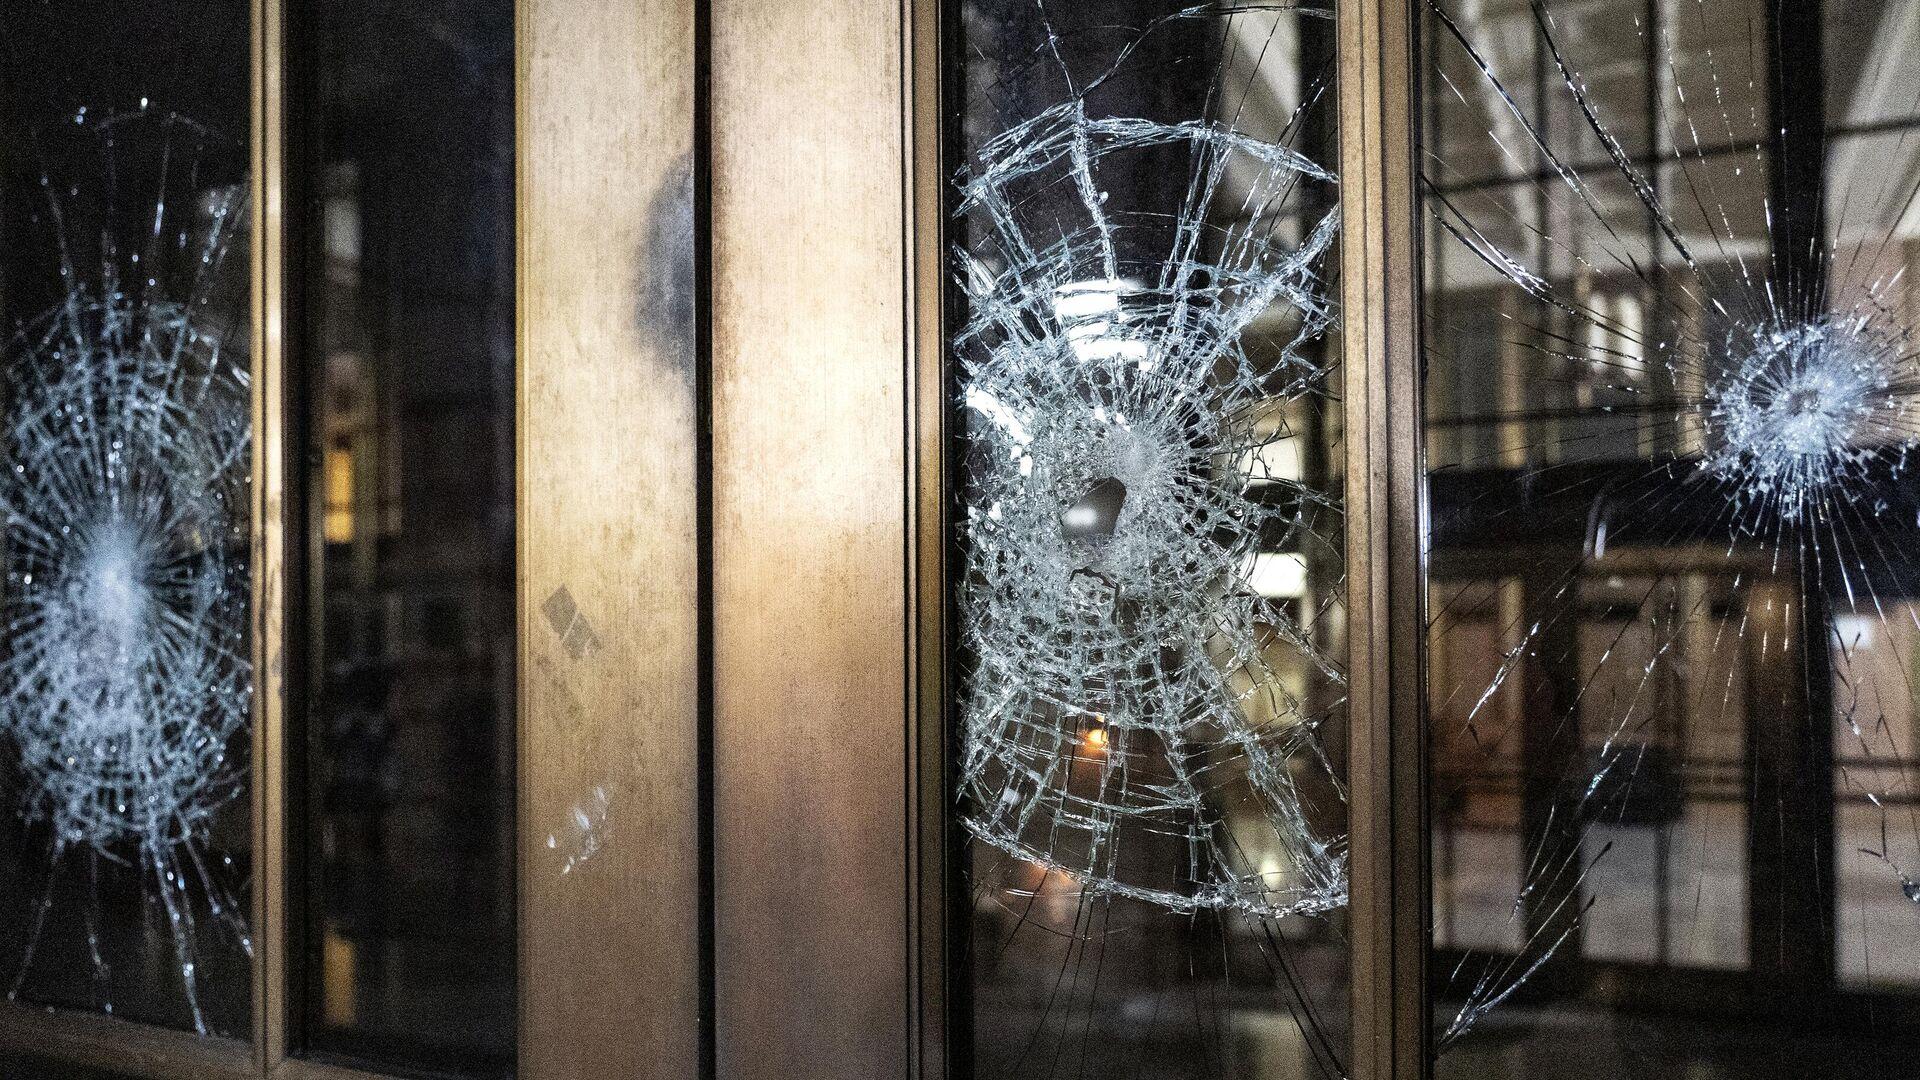 Разбитая стеклянная дверь во время акции протеста у здания суда в Портленде - РИА Новости, 1920, 28.10.2020